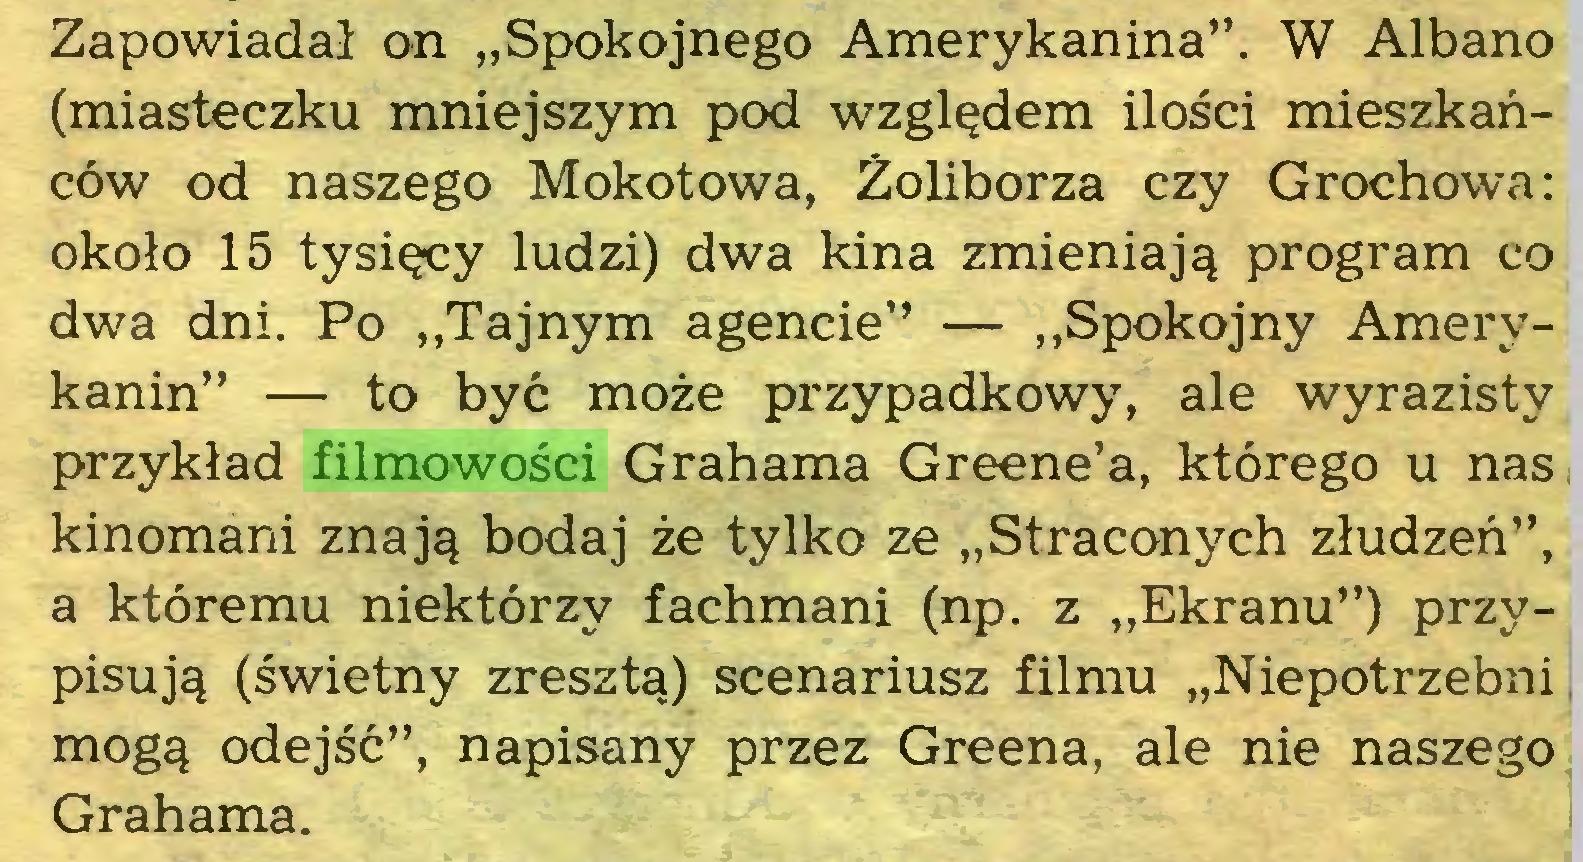 """(...) Zapowiadał on """"Spokojnego Amerykanina"""". W Albano (miasteczku mniejszym pod względem ilości mieszkańców od naszego Mokotowa, Żoliborza czy Grochowa: około 15 tysięcy ludzi) dwa kina zmieniają program co dwa dni. Po """"Tajnym agencie"""" — """"Spokojny Amerykanin"""" — to być może przypadkowy, ale wyrazisty przykład filmowości Grahama Greene'a, którego u nas kinomani znają bodaj że tylko ze """"Straconych złudzeń"""", a któremu niektórzy fachmani (np. z """"Ekranu"""") przypisują (świetny zresztą) scenariusz filmu """"Niepotrzebni i mogą odejść"""", napisany przez Greena, ale nie naszego Grahama..."""